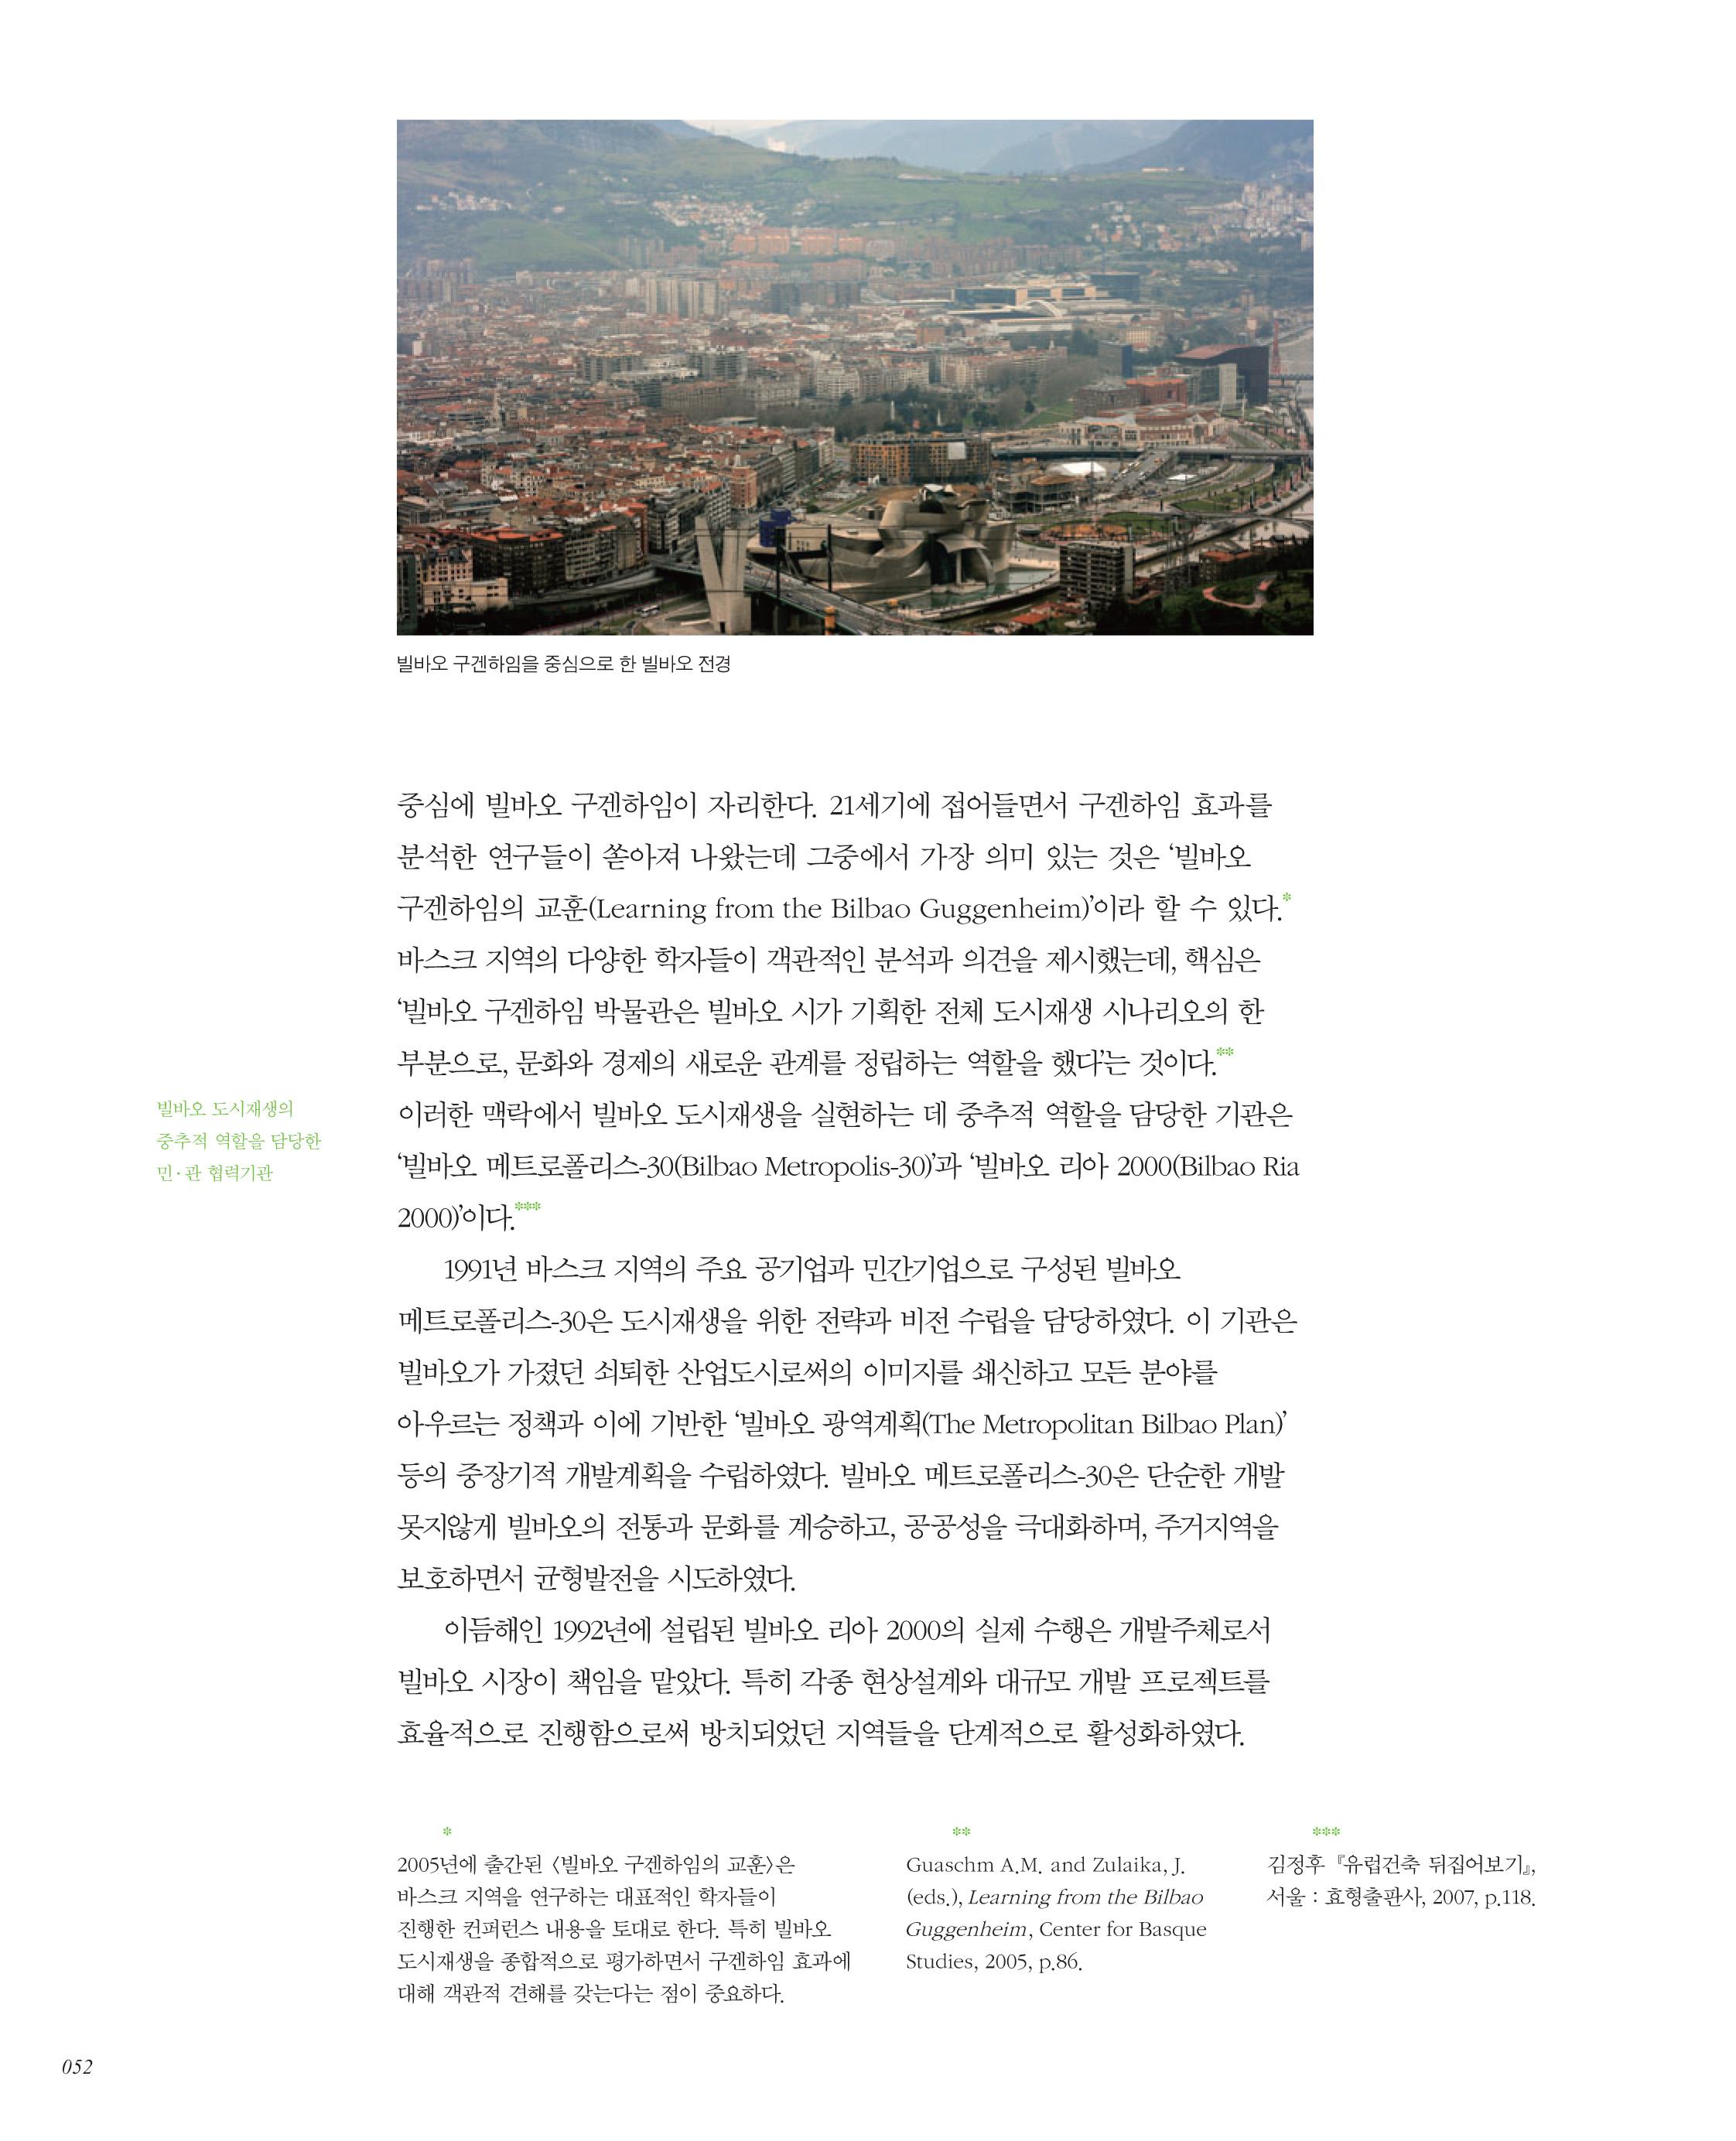 유럽의 건축문화기반 도시재생_김정후 박사-4.jpg